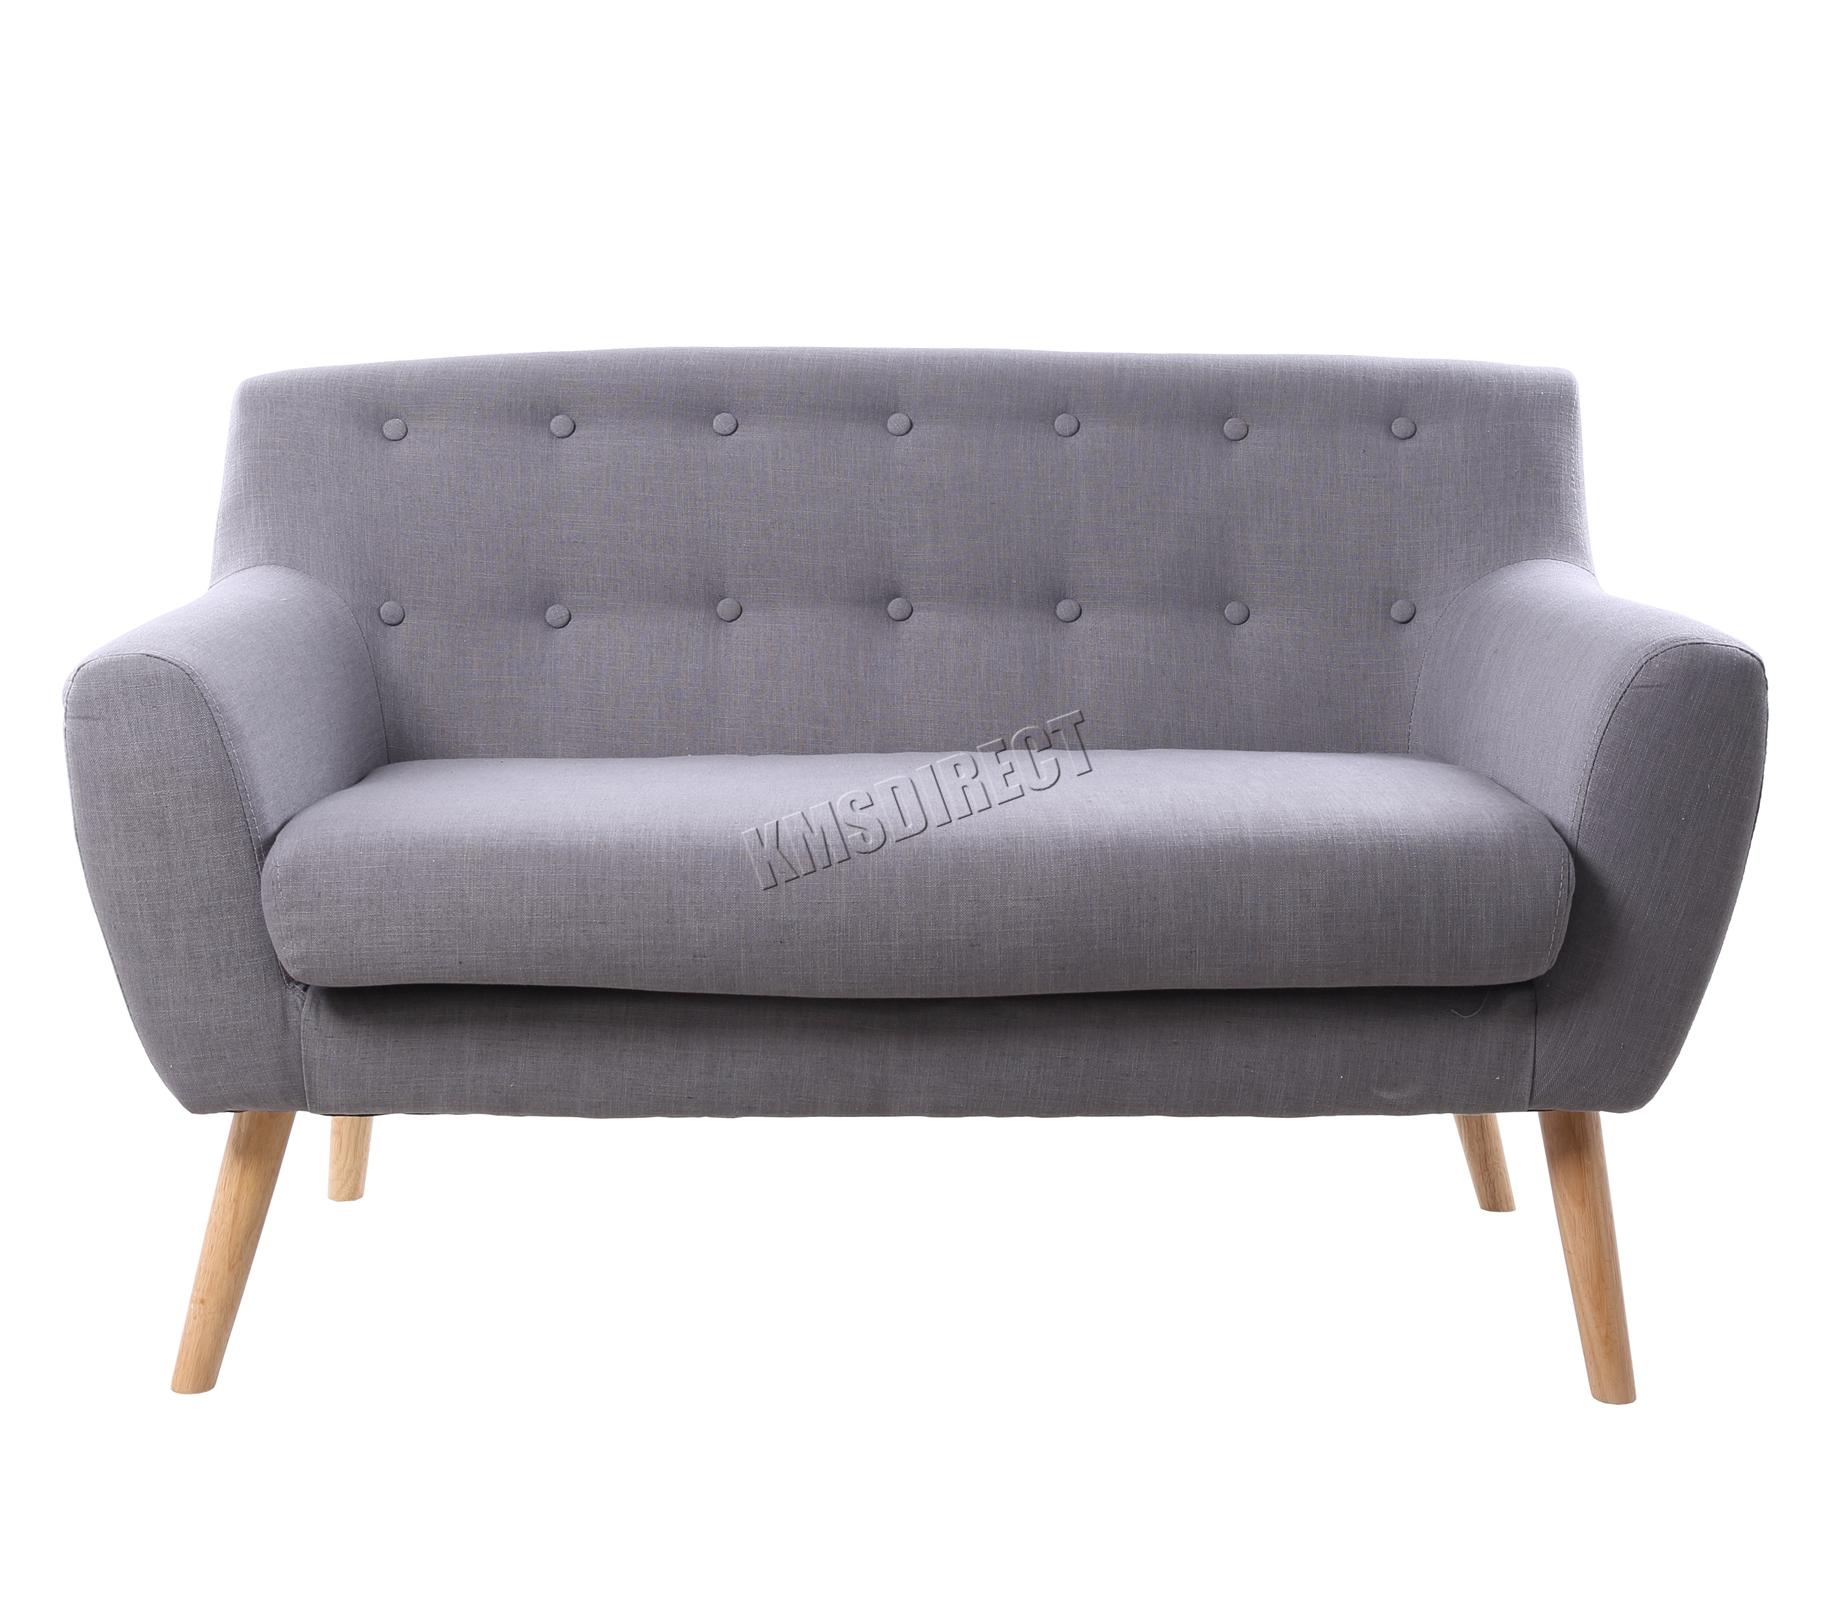 esszimmer sofabank inspiration f r die. Black Bedroom Furniture Sets. Home Design Ideas